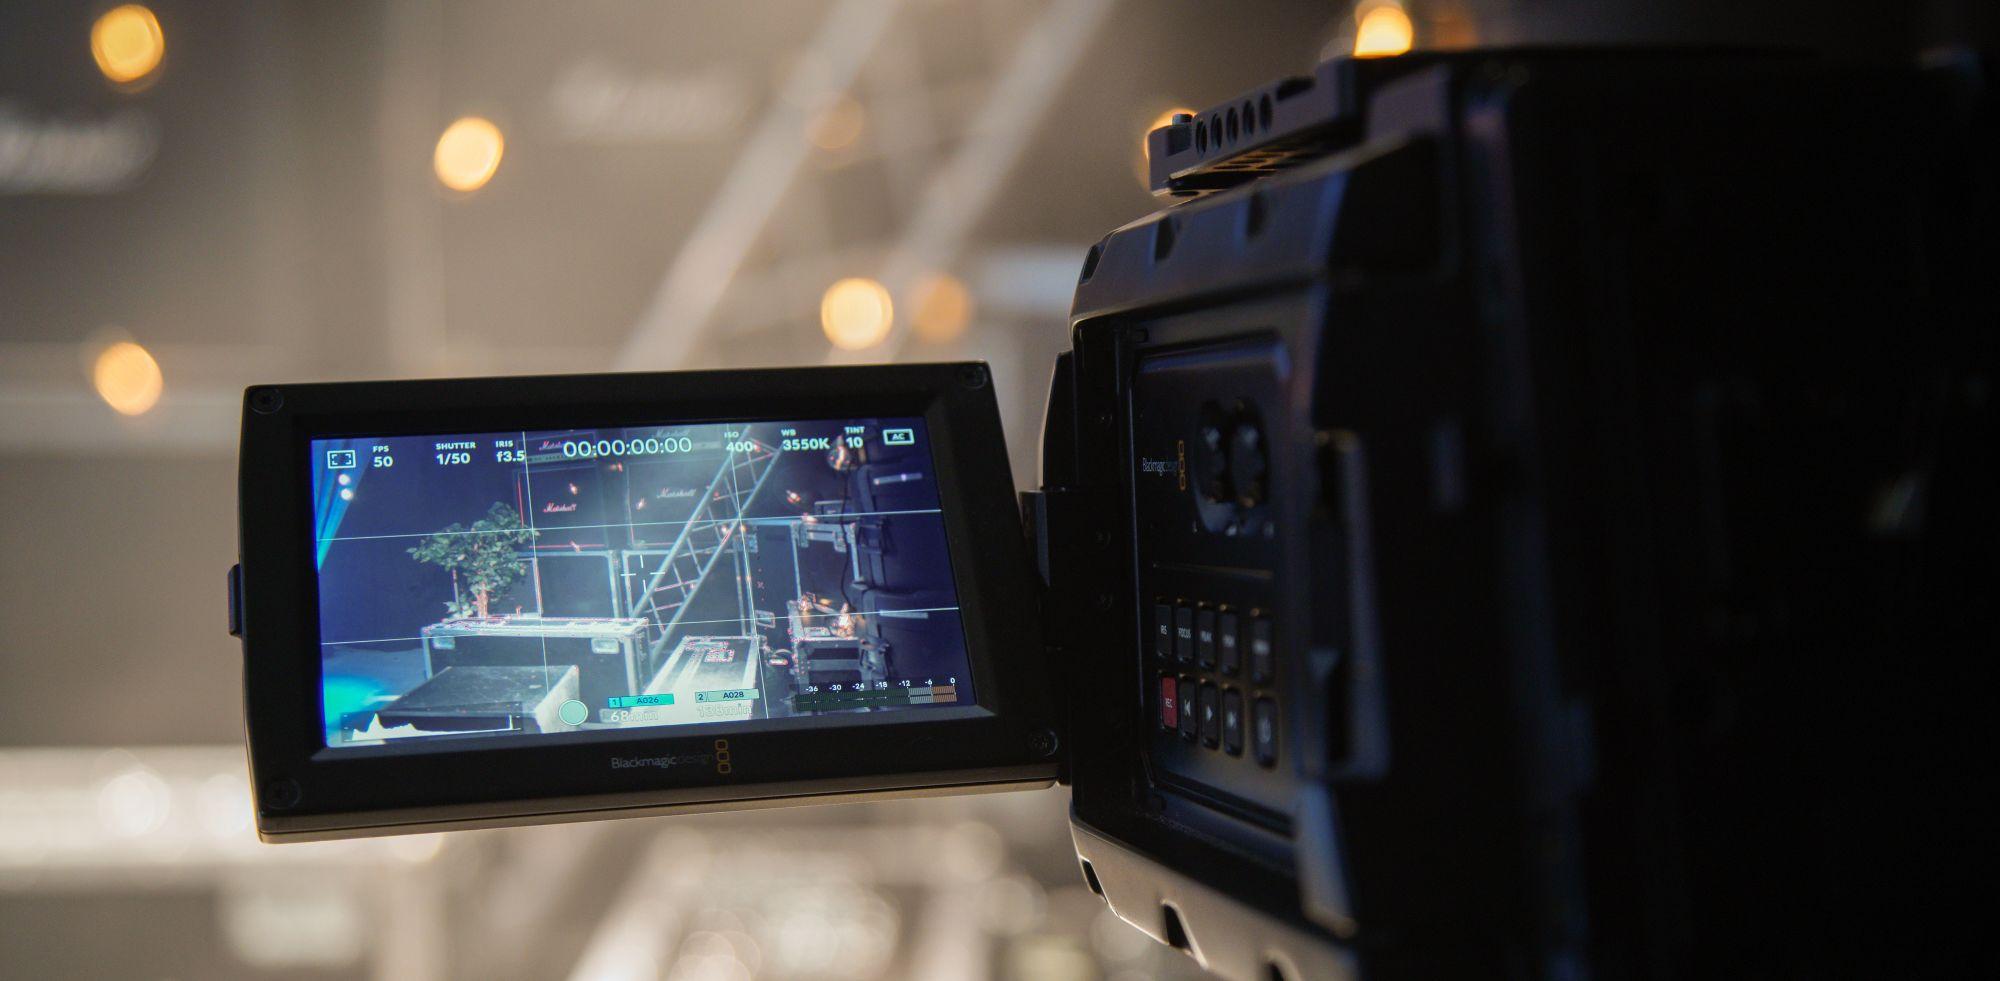 Kamera klart til livestream. Foto: VALY (Ikke gjenbruk)